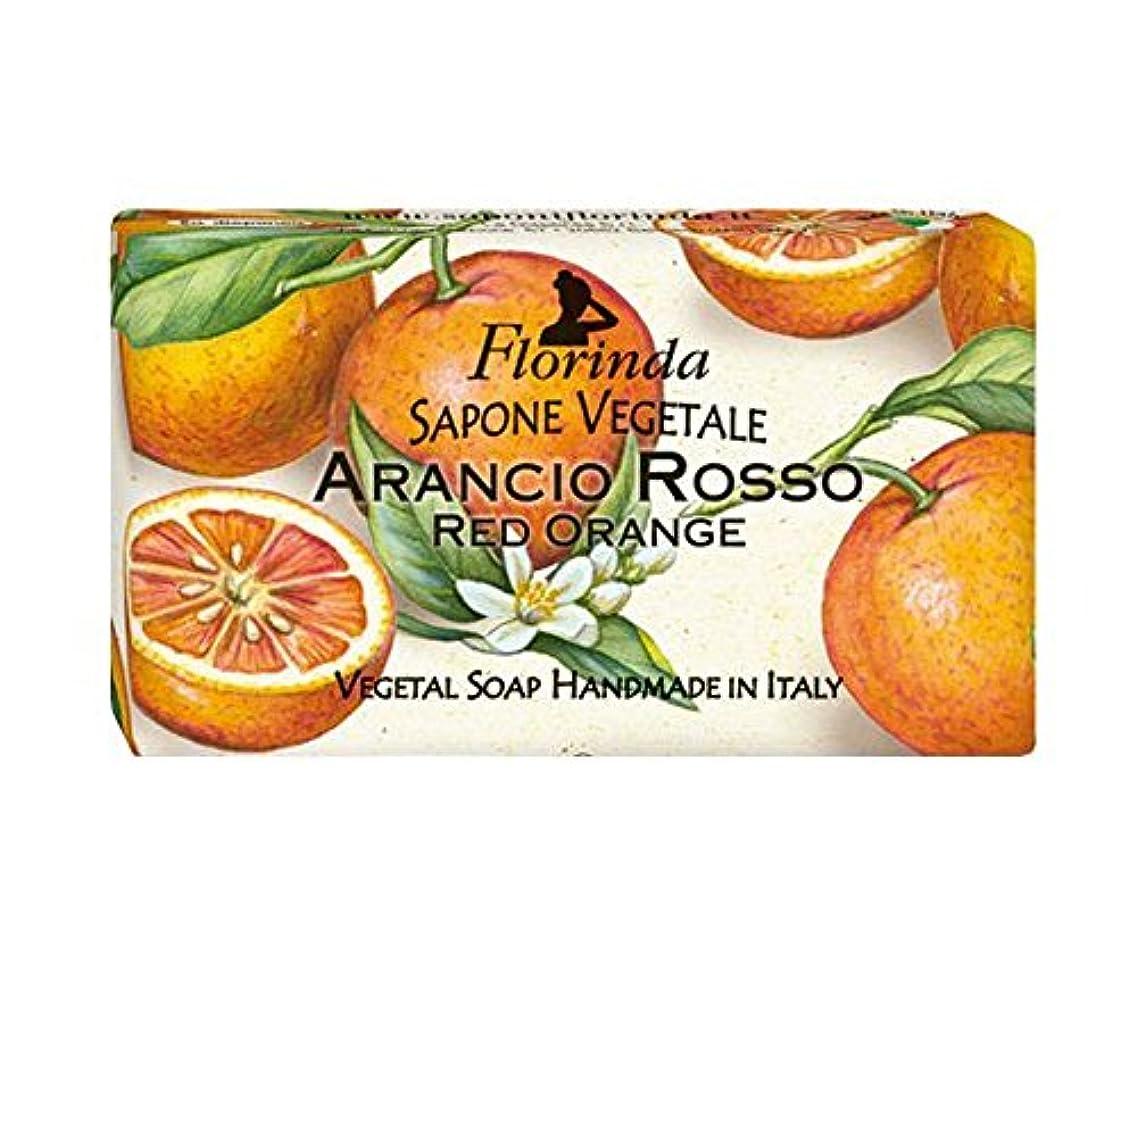 海外物質構想するFlorinda フロリンダ フレグランスソープ フルーツ レッドオレンジ 100g [並行輸入品]